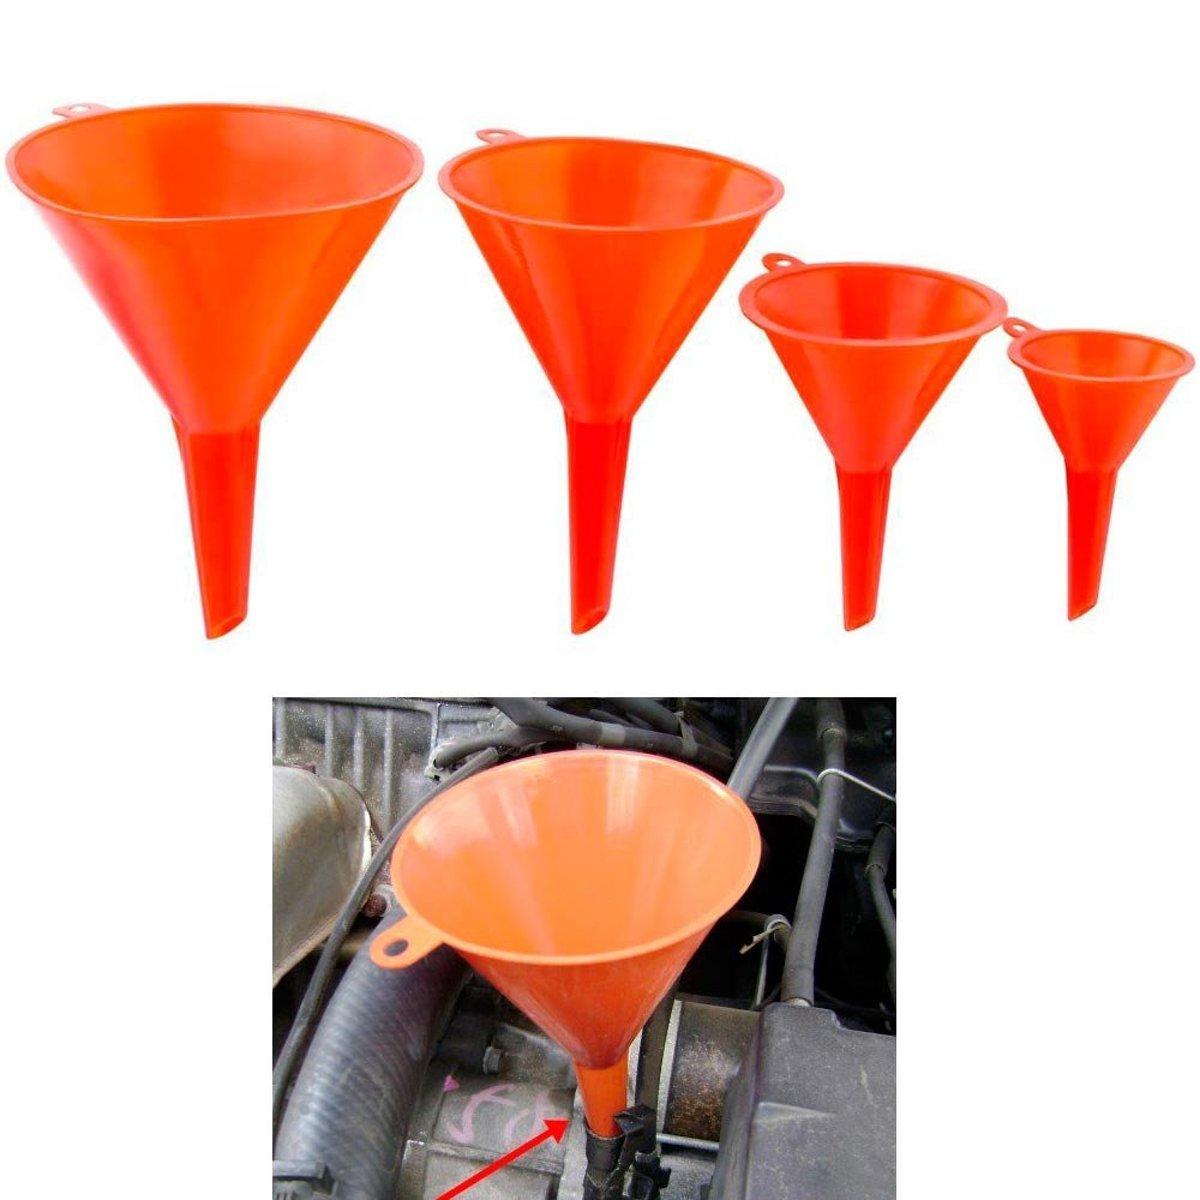 Premium Plastic Trechter Set – 4 Stuks – Ø 115/95/73/50mm | Voor Snelle en Schone Overdracht van Vloeistoffen, Olie, Water en Droge Stoffen en Poeders  | Voor Gebruik in Auto, Voertuigen, Keuken en Tuin kopen